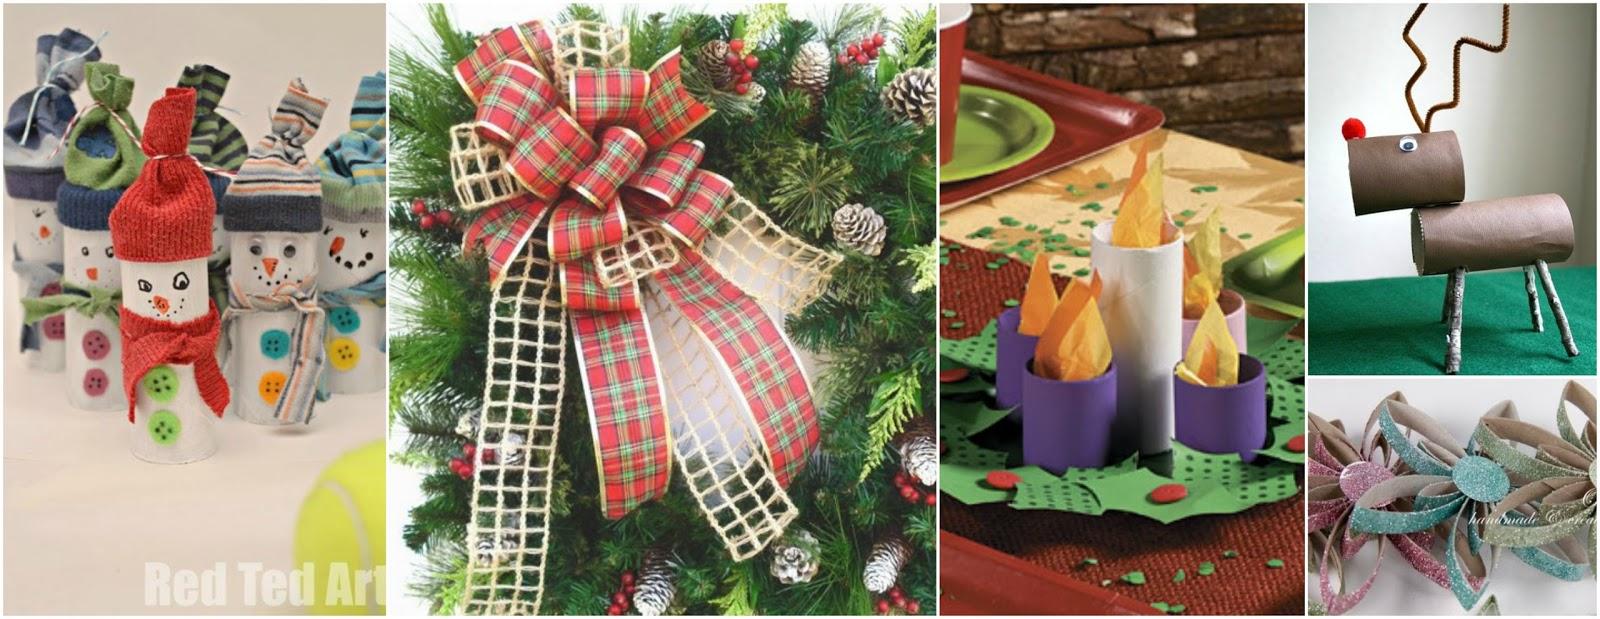 Decora En Esta Navidad Con Rollos De Papel Higienico Reciclados - Manualidades-con-rollos-de-papel-higienico-para-navidad